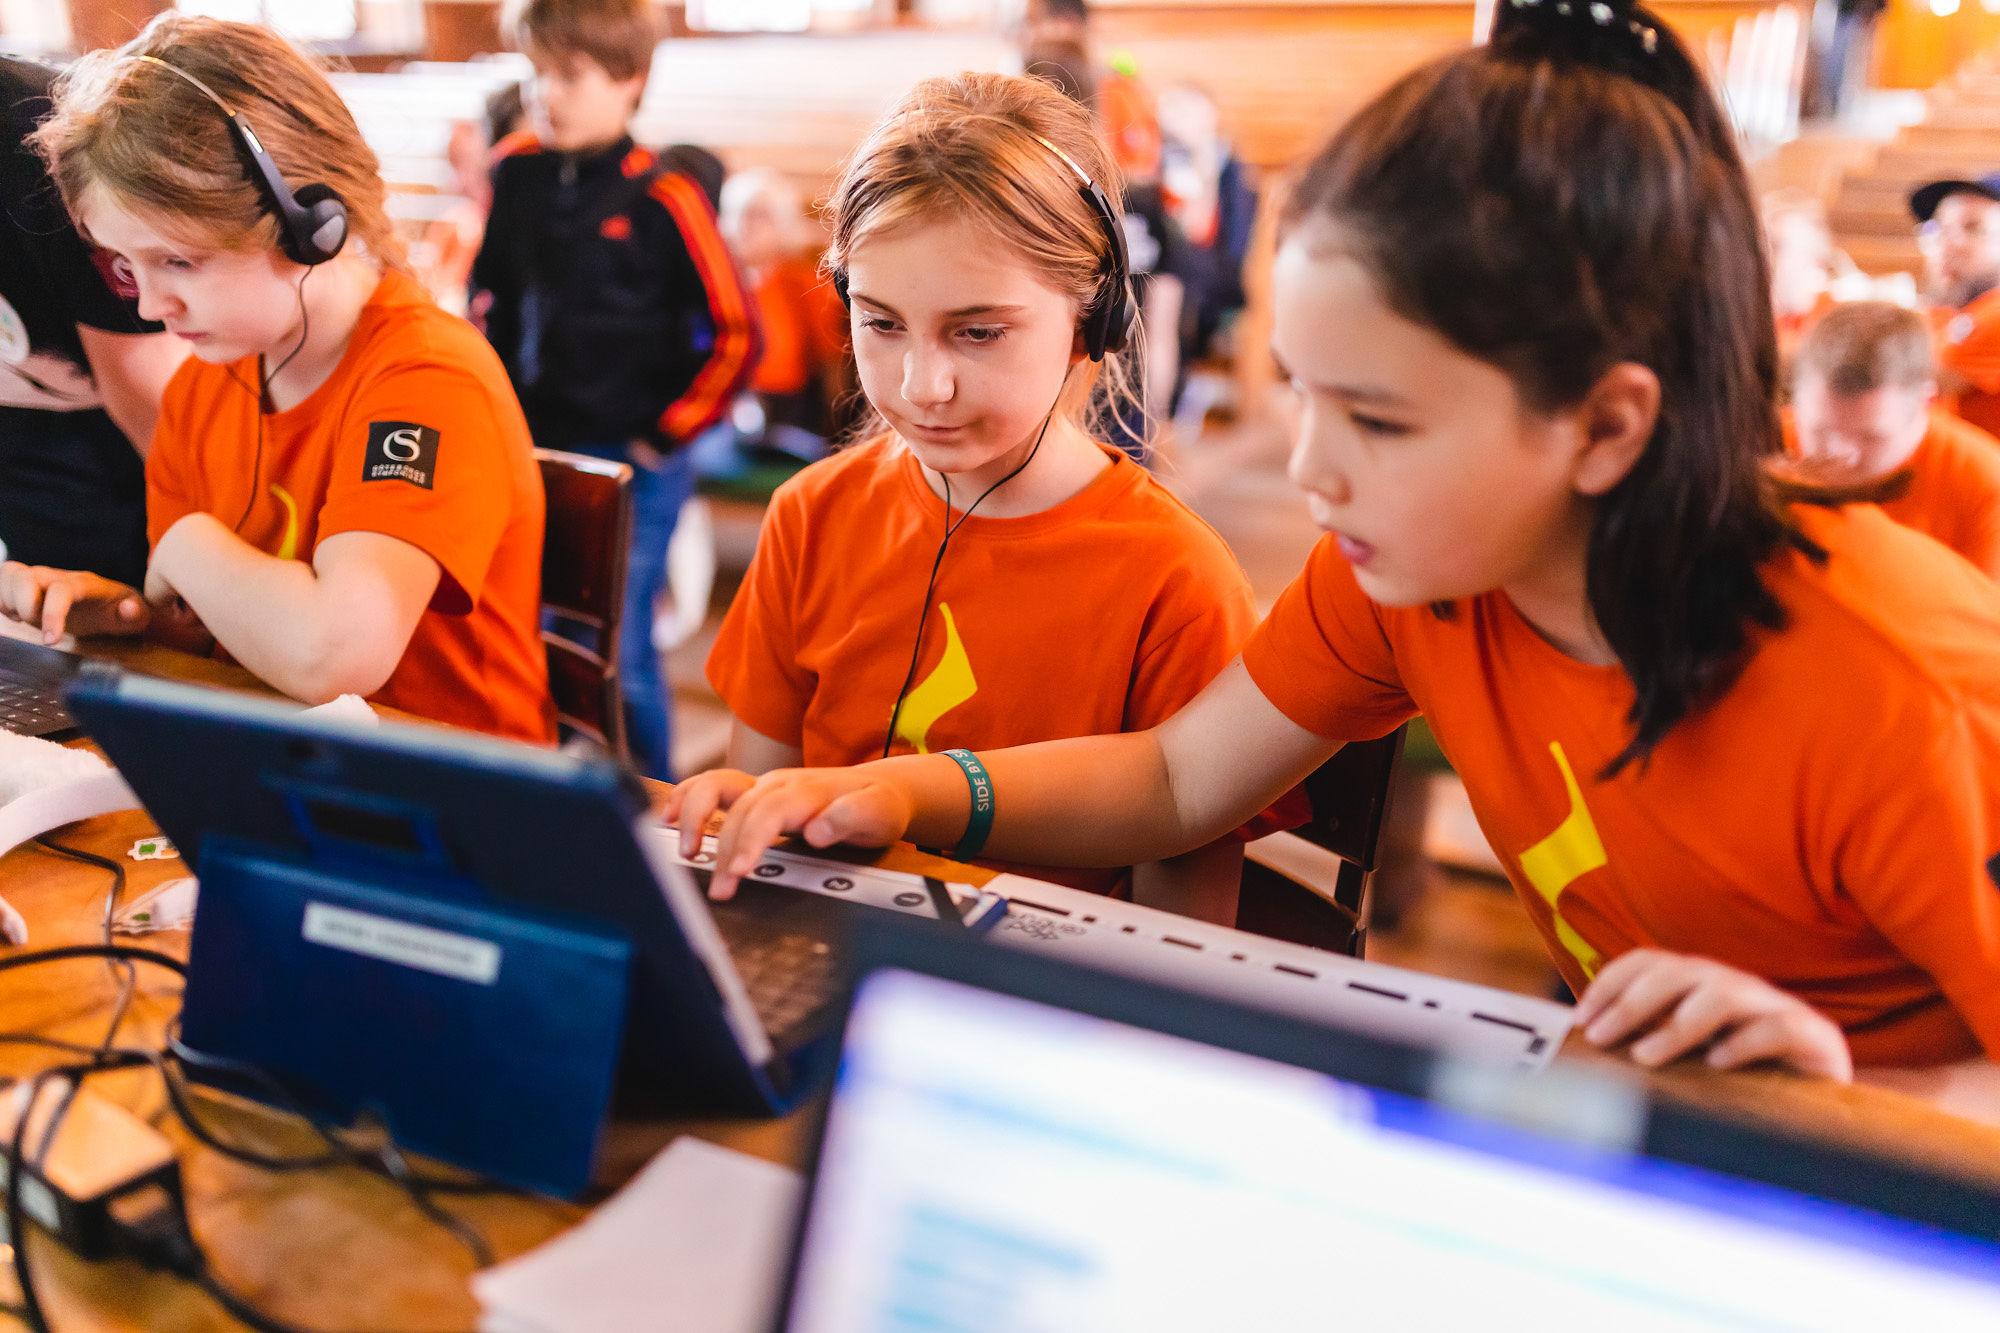 Barn med hörlurar framför datorer